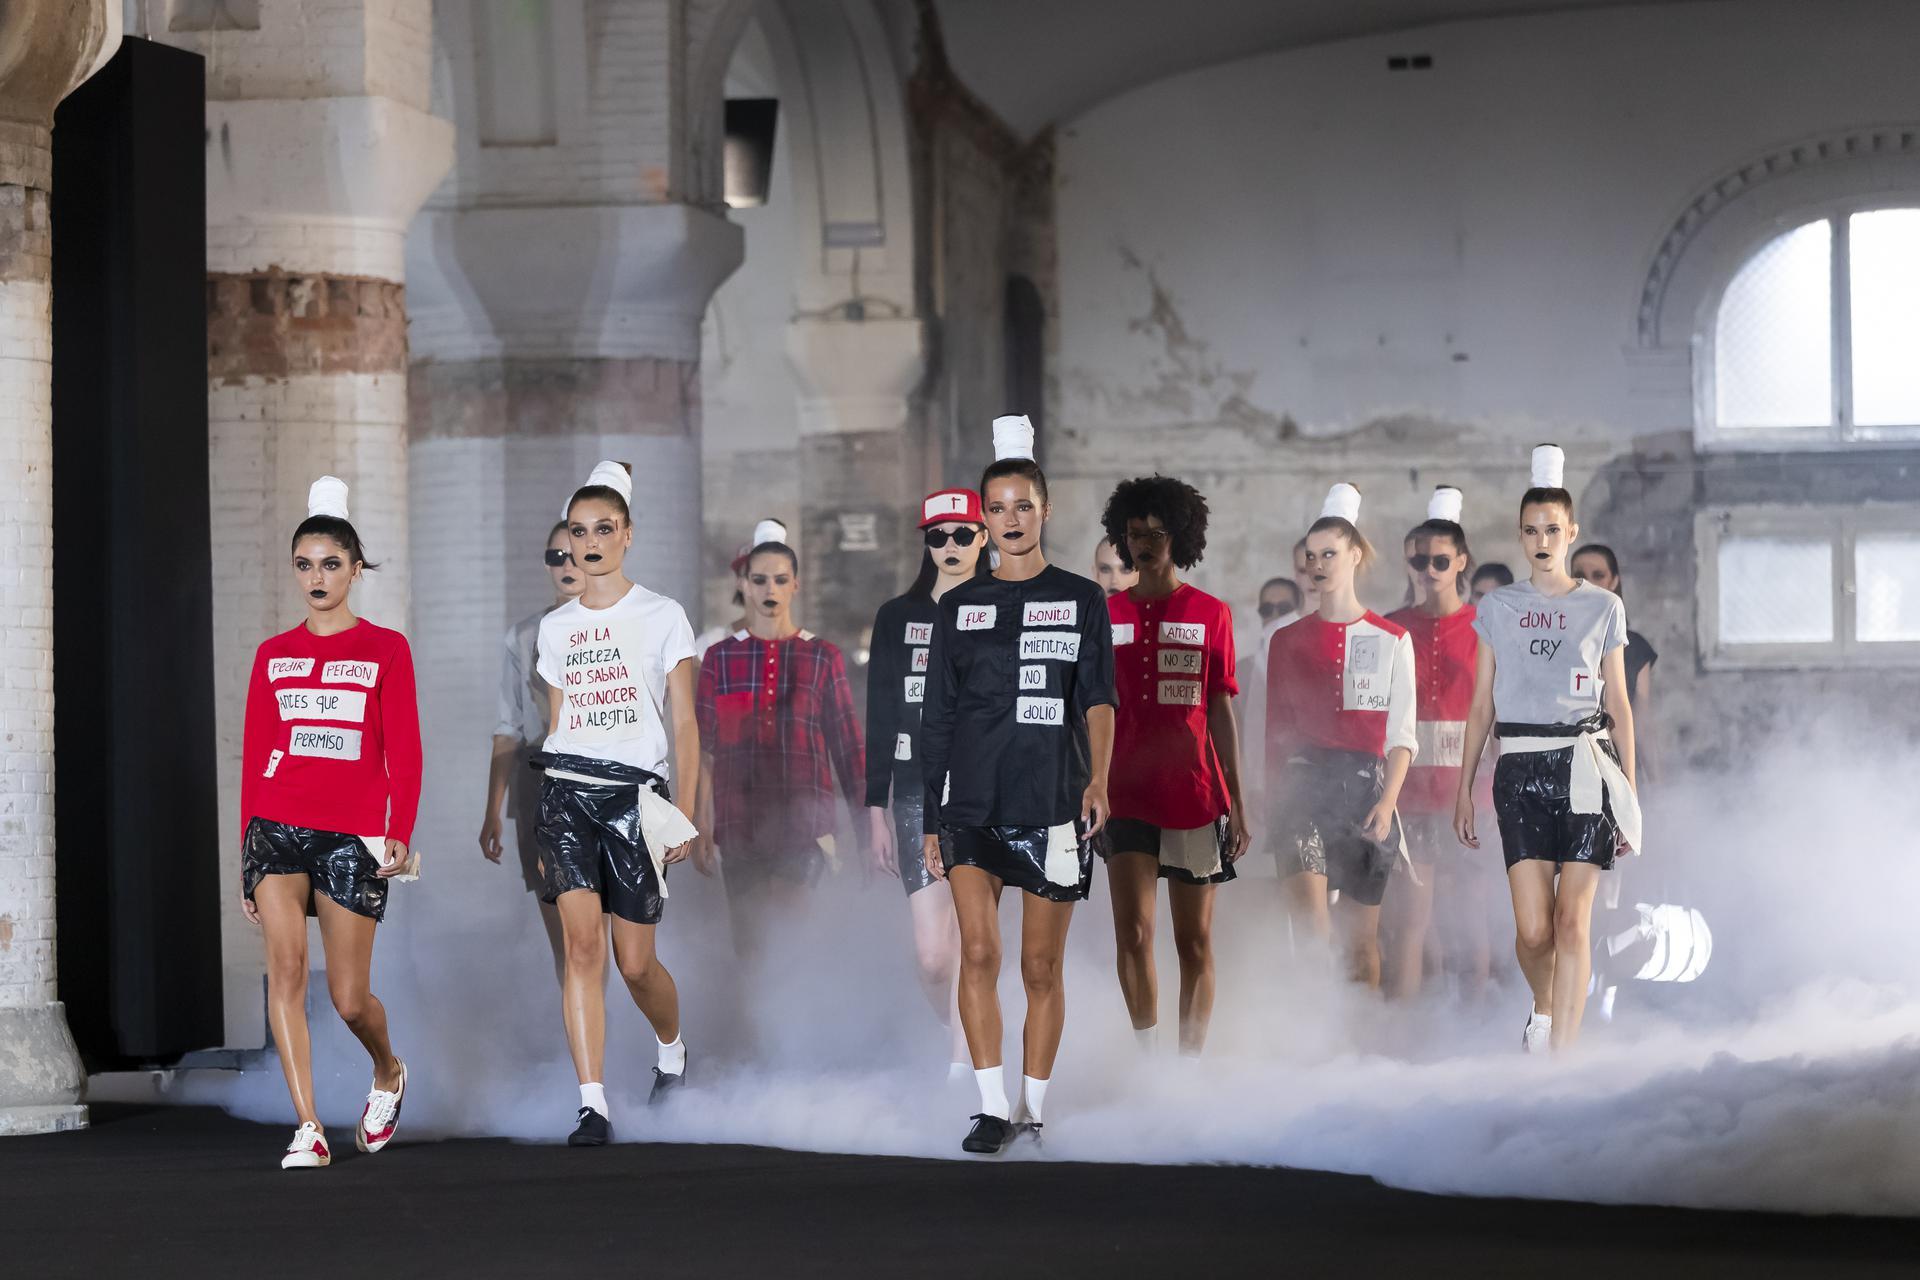 Oscar%20Leon%20ambient 1074 - 080 Barcelona Fashion Digital Edition concluye con su cuarta sesión de los últimos Fashion Show Films